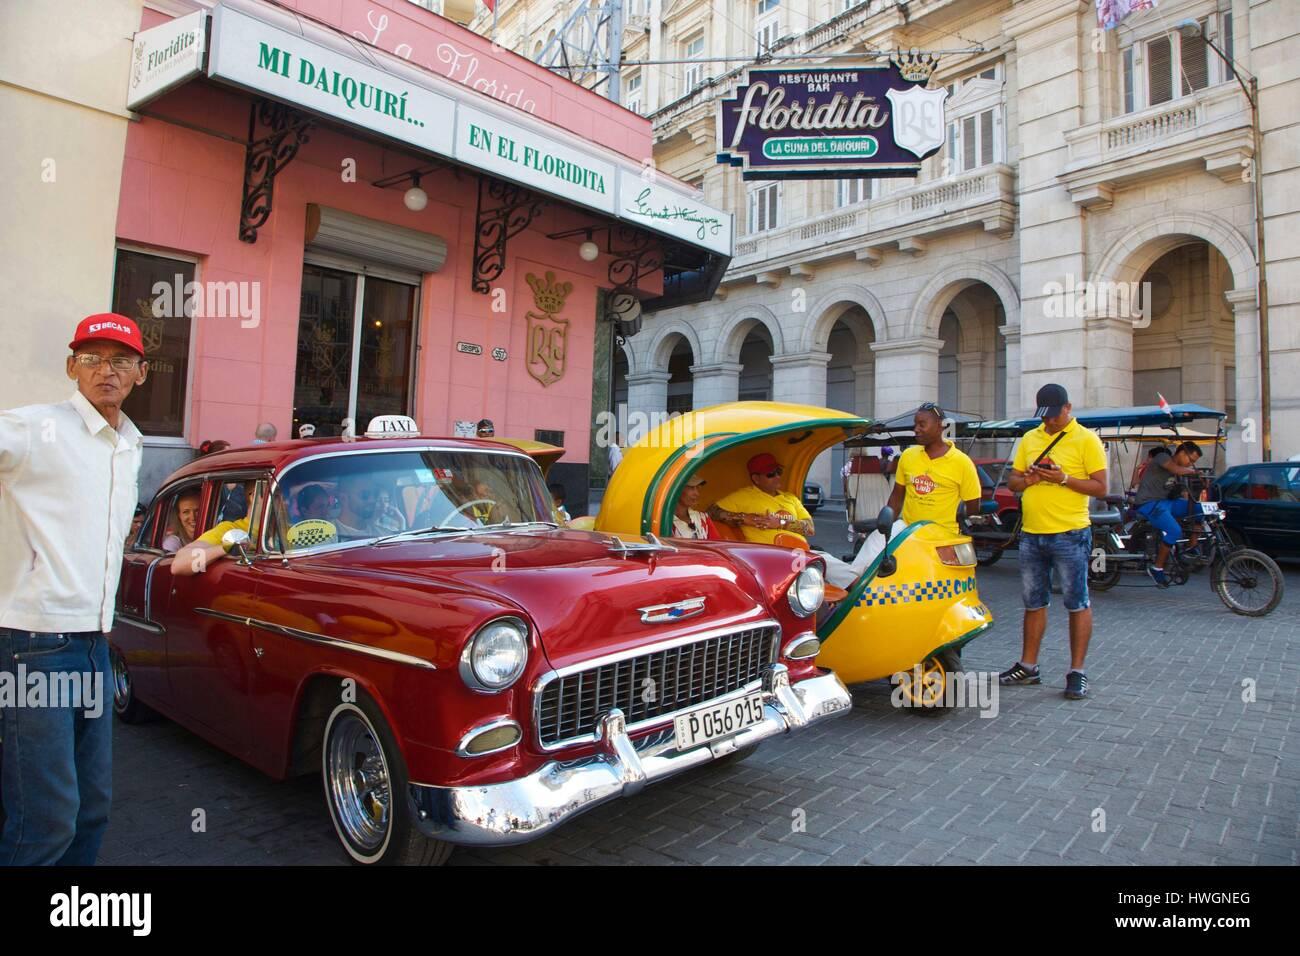 Cuba, La Havana, old Havana, listed as World Heritage by UNESCO, old ...